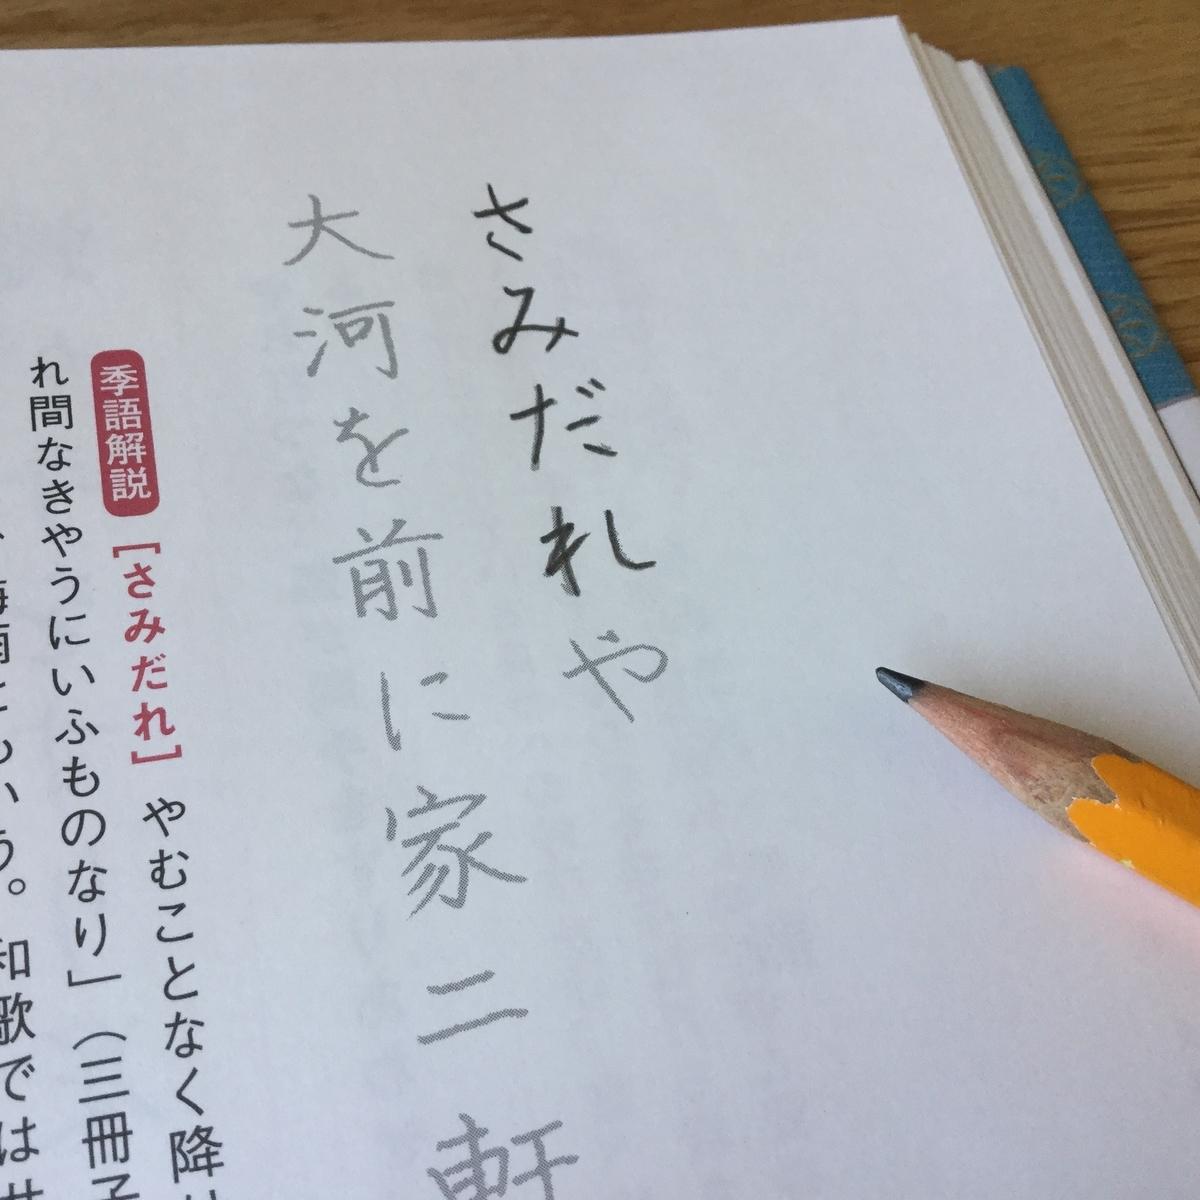 脳活 俳句 ペン字